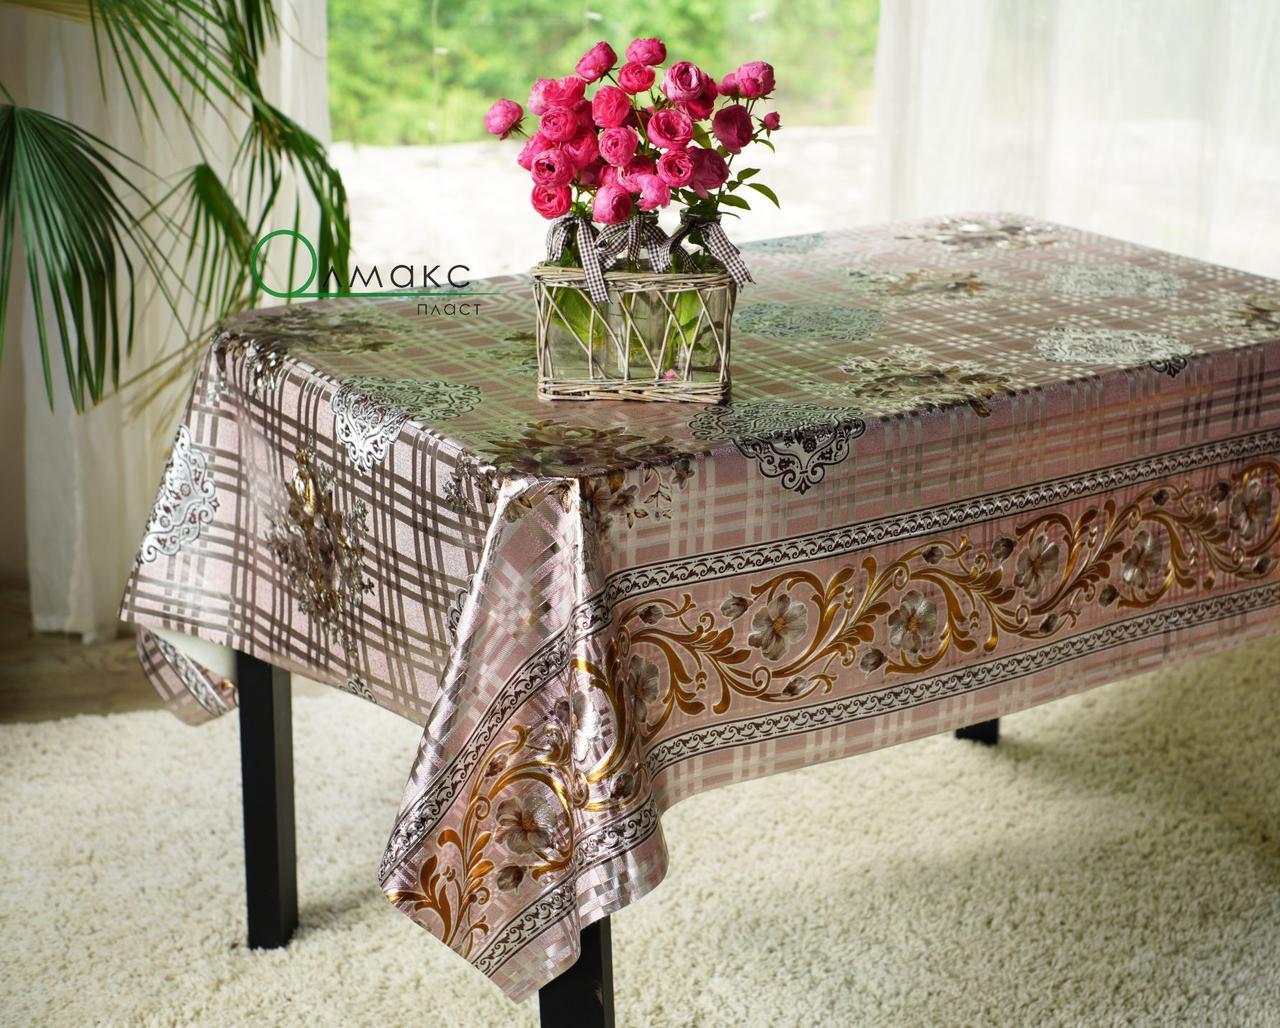 Клеенка на кухонный стол на тканевой основе с объемным рисунком